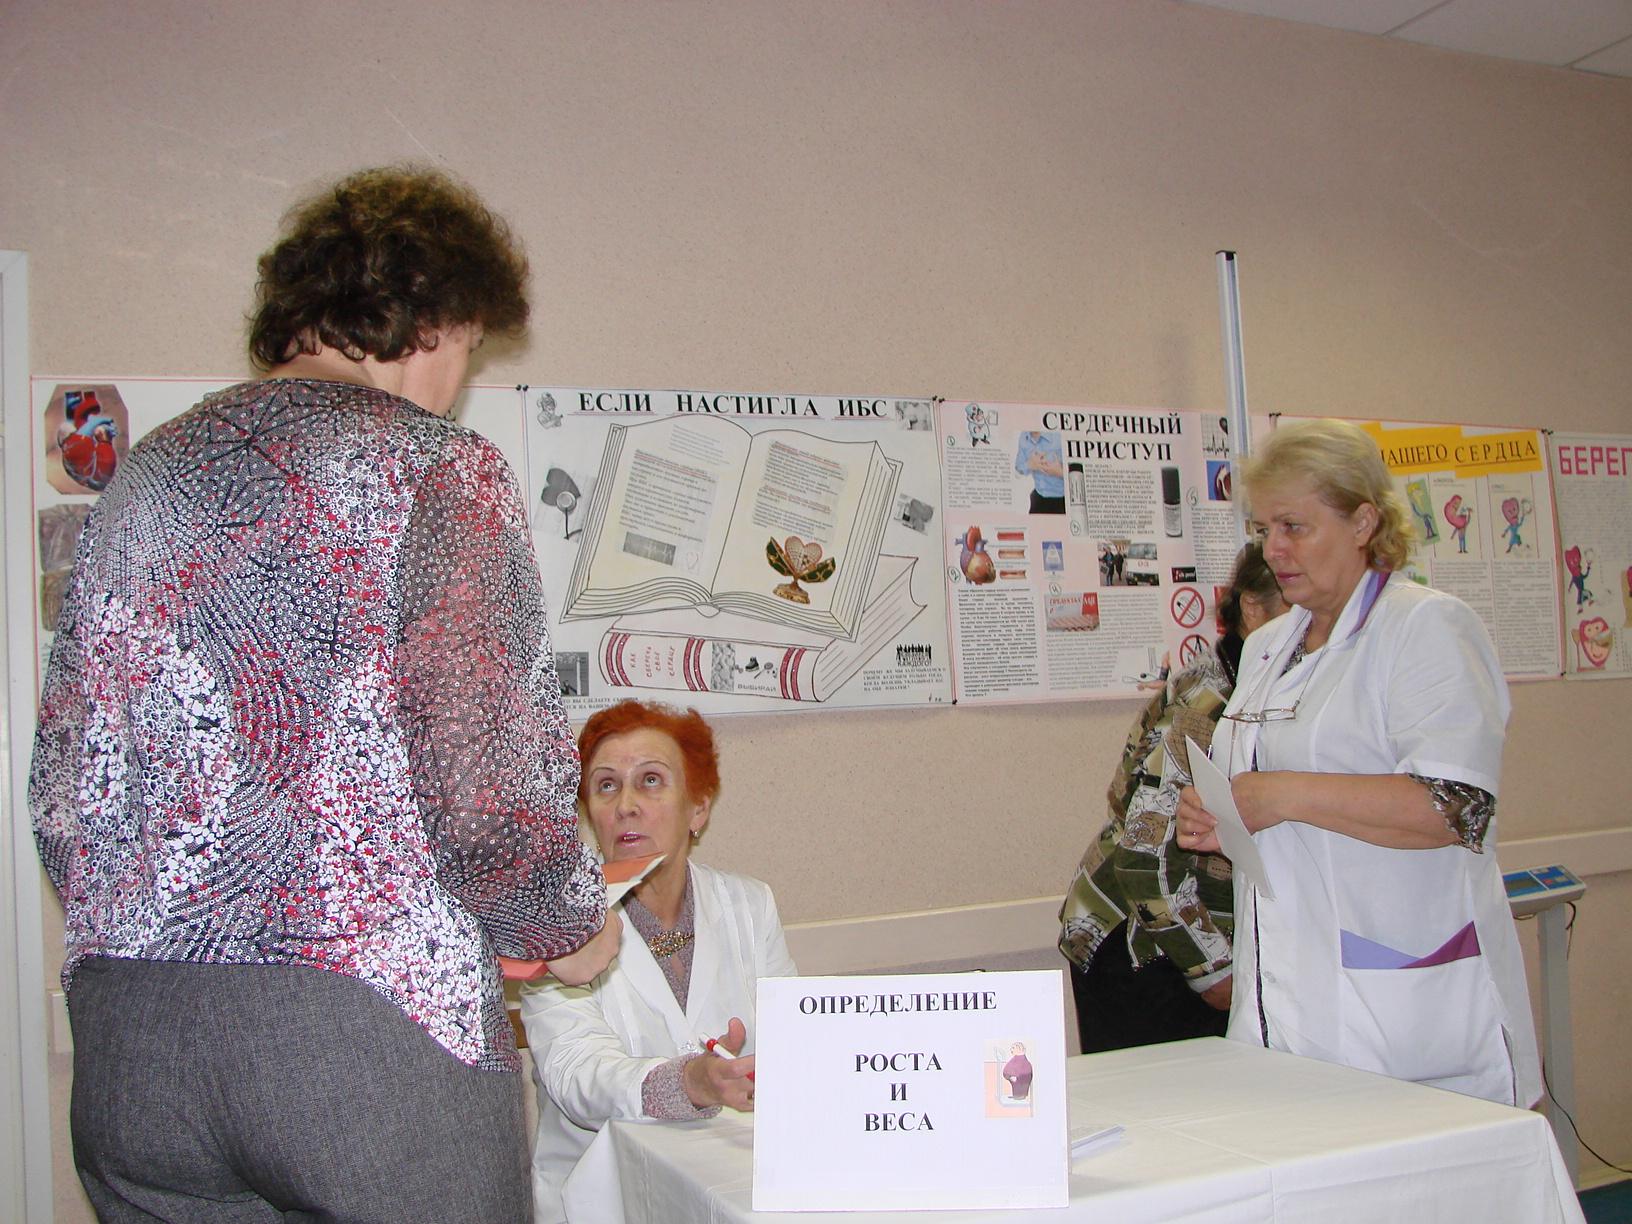 Црб мытищи регистратура в поликлинике